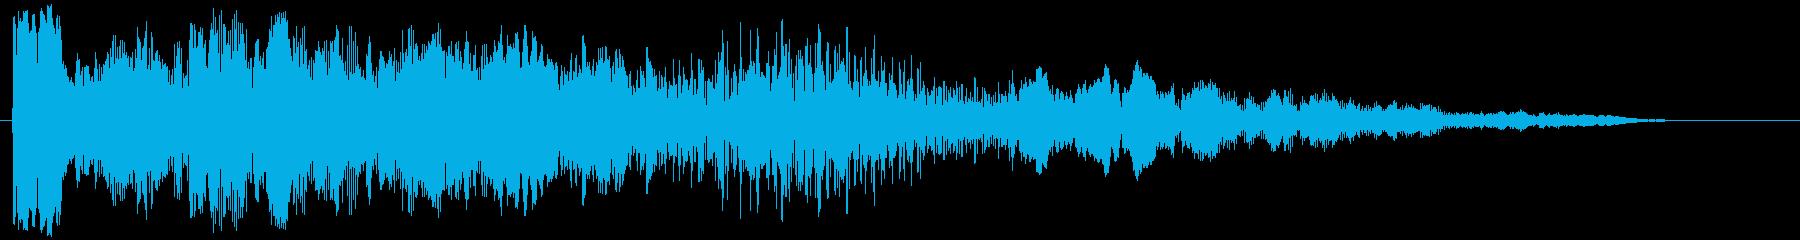 重いLFE、位相を持つLFE電子パルスの再生済みの波形